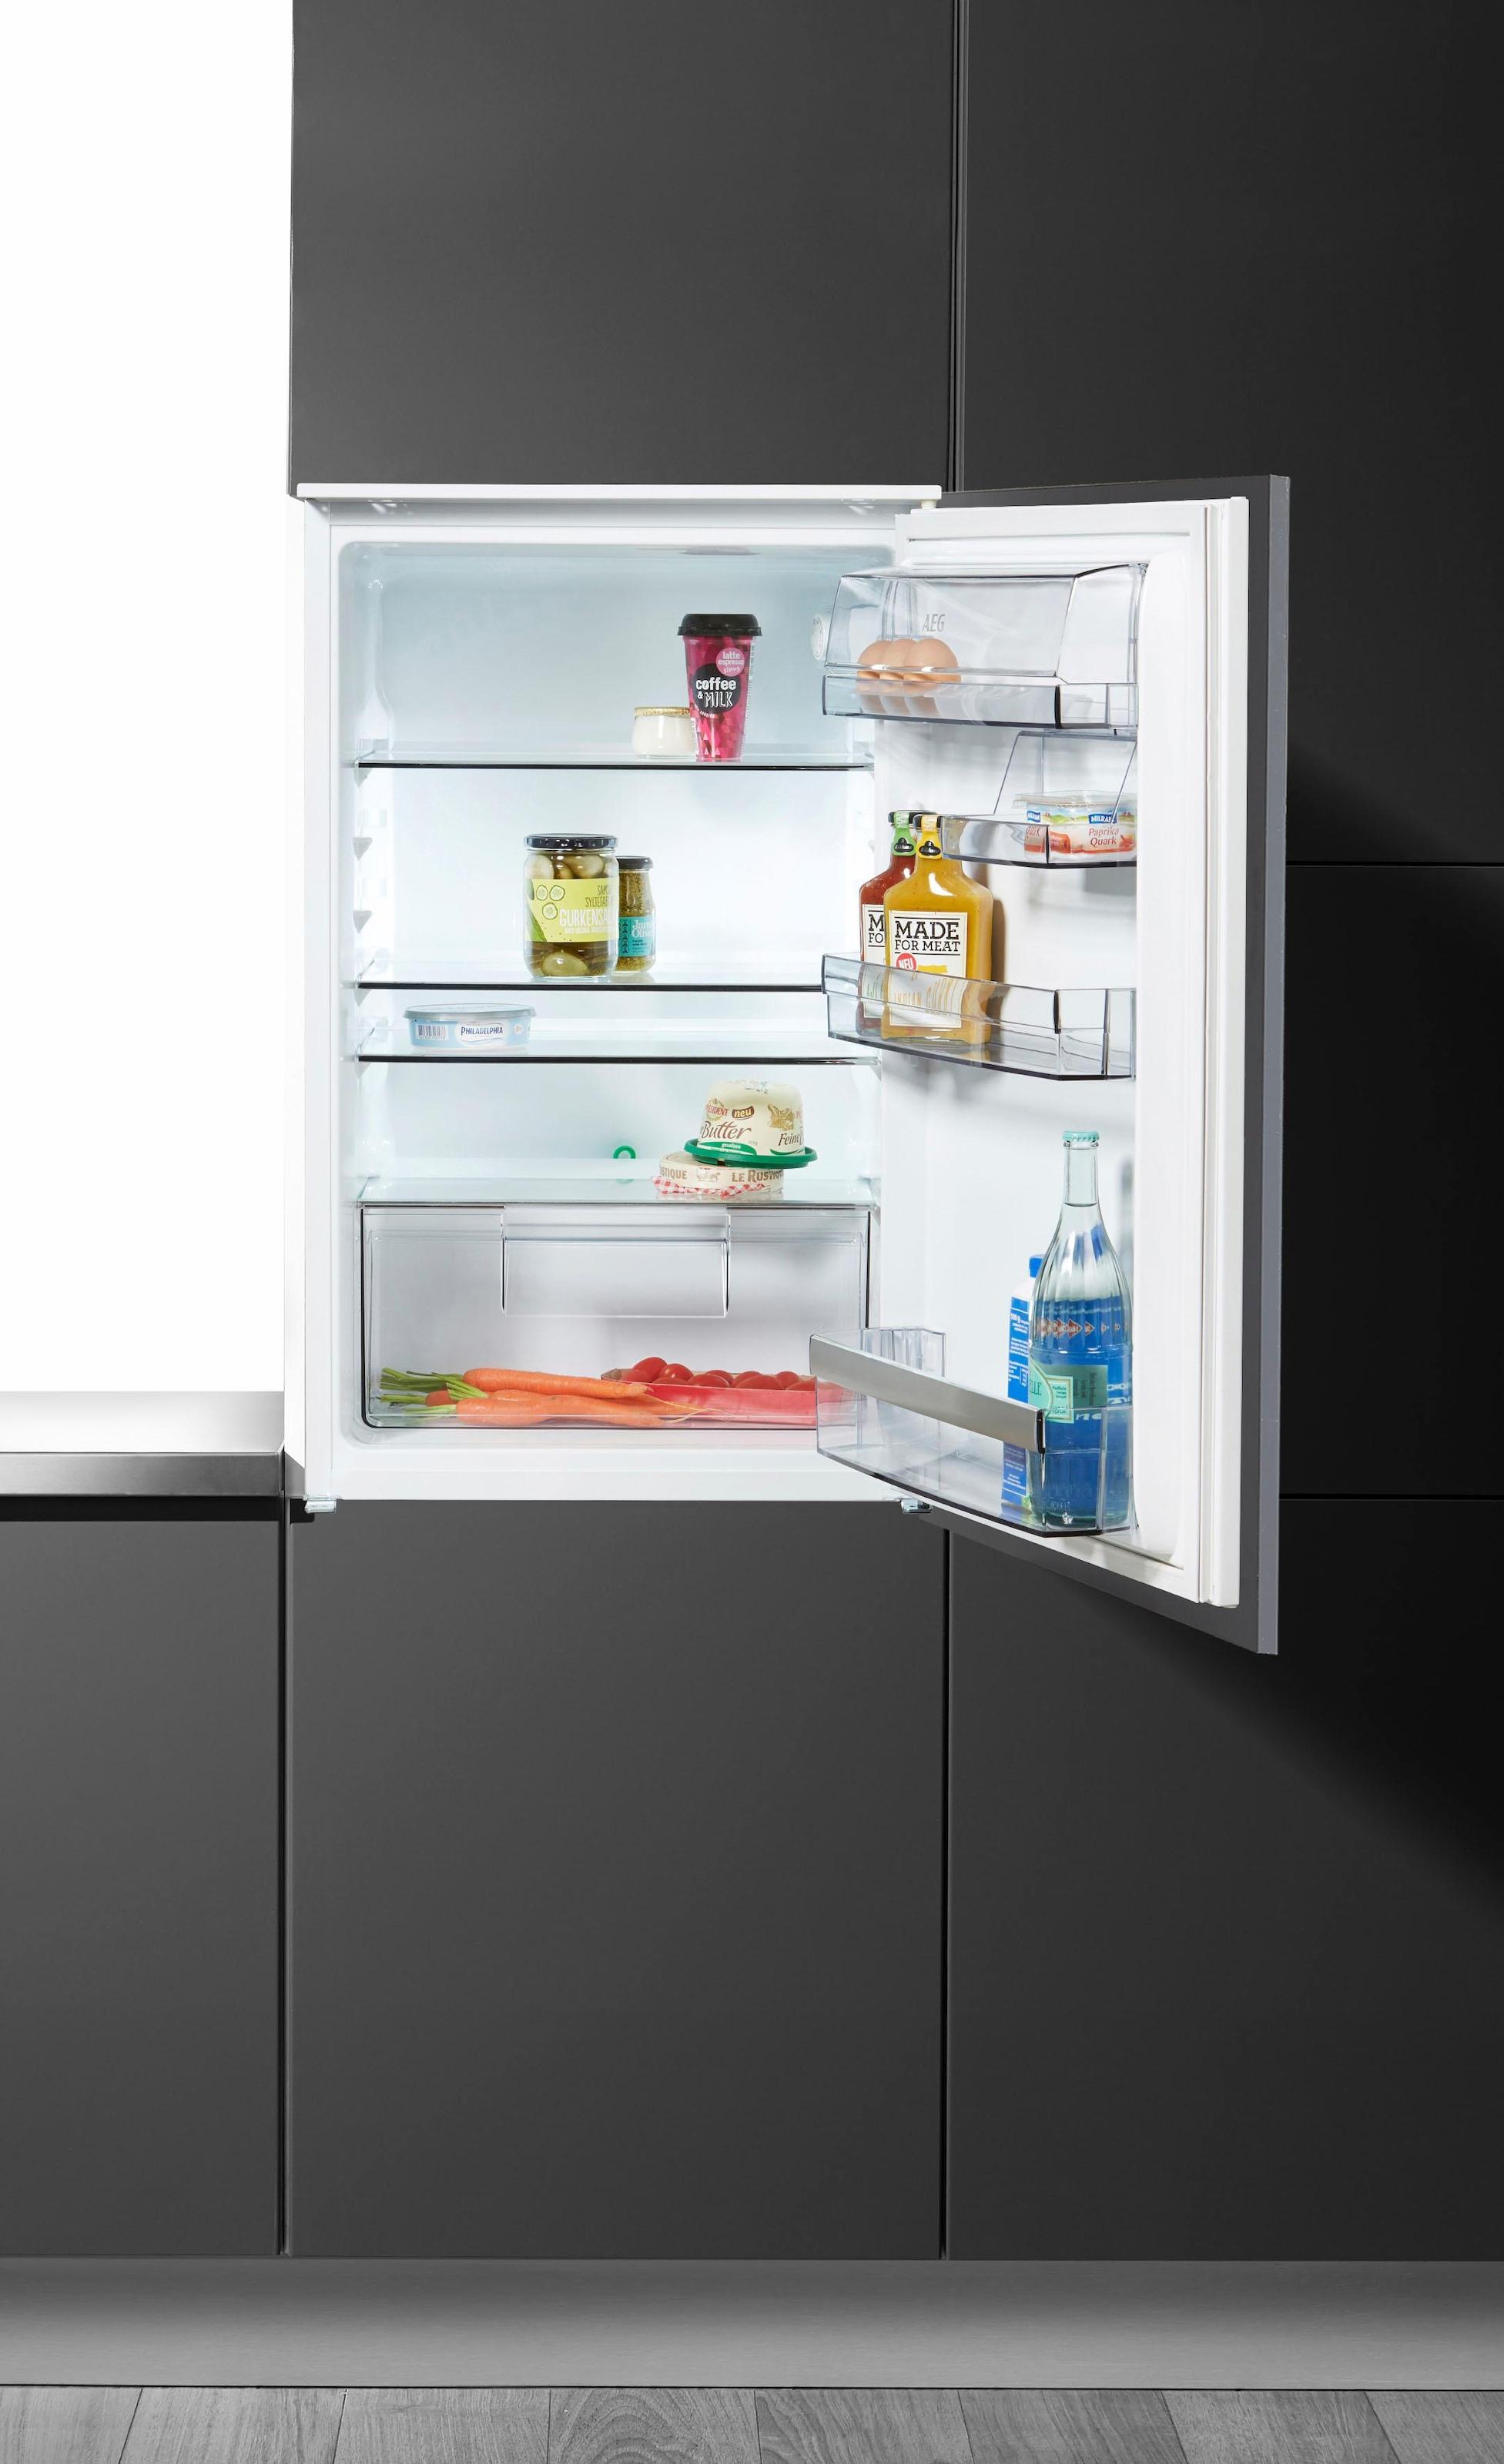 Aeg Customflex Kühlschrank : Aeg kühlschränke online shop aeg kühlschränke kaufen baur